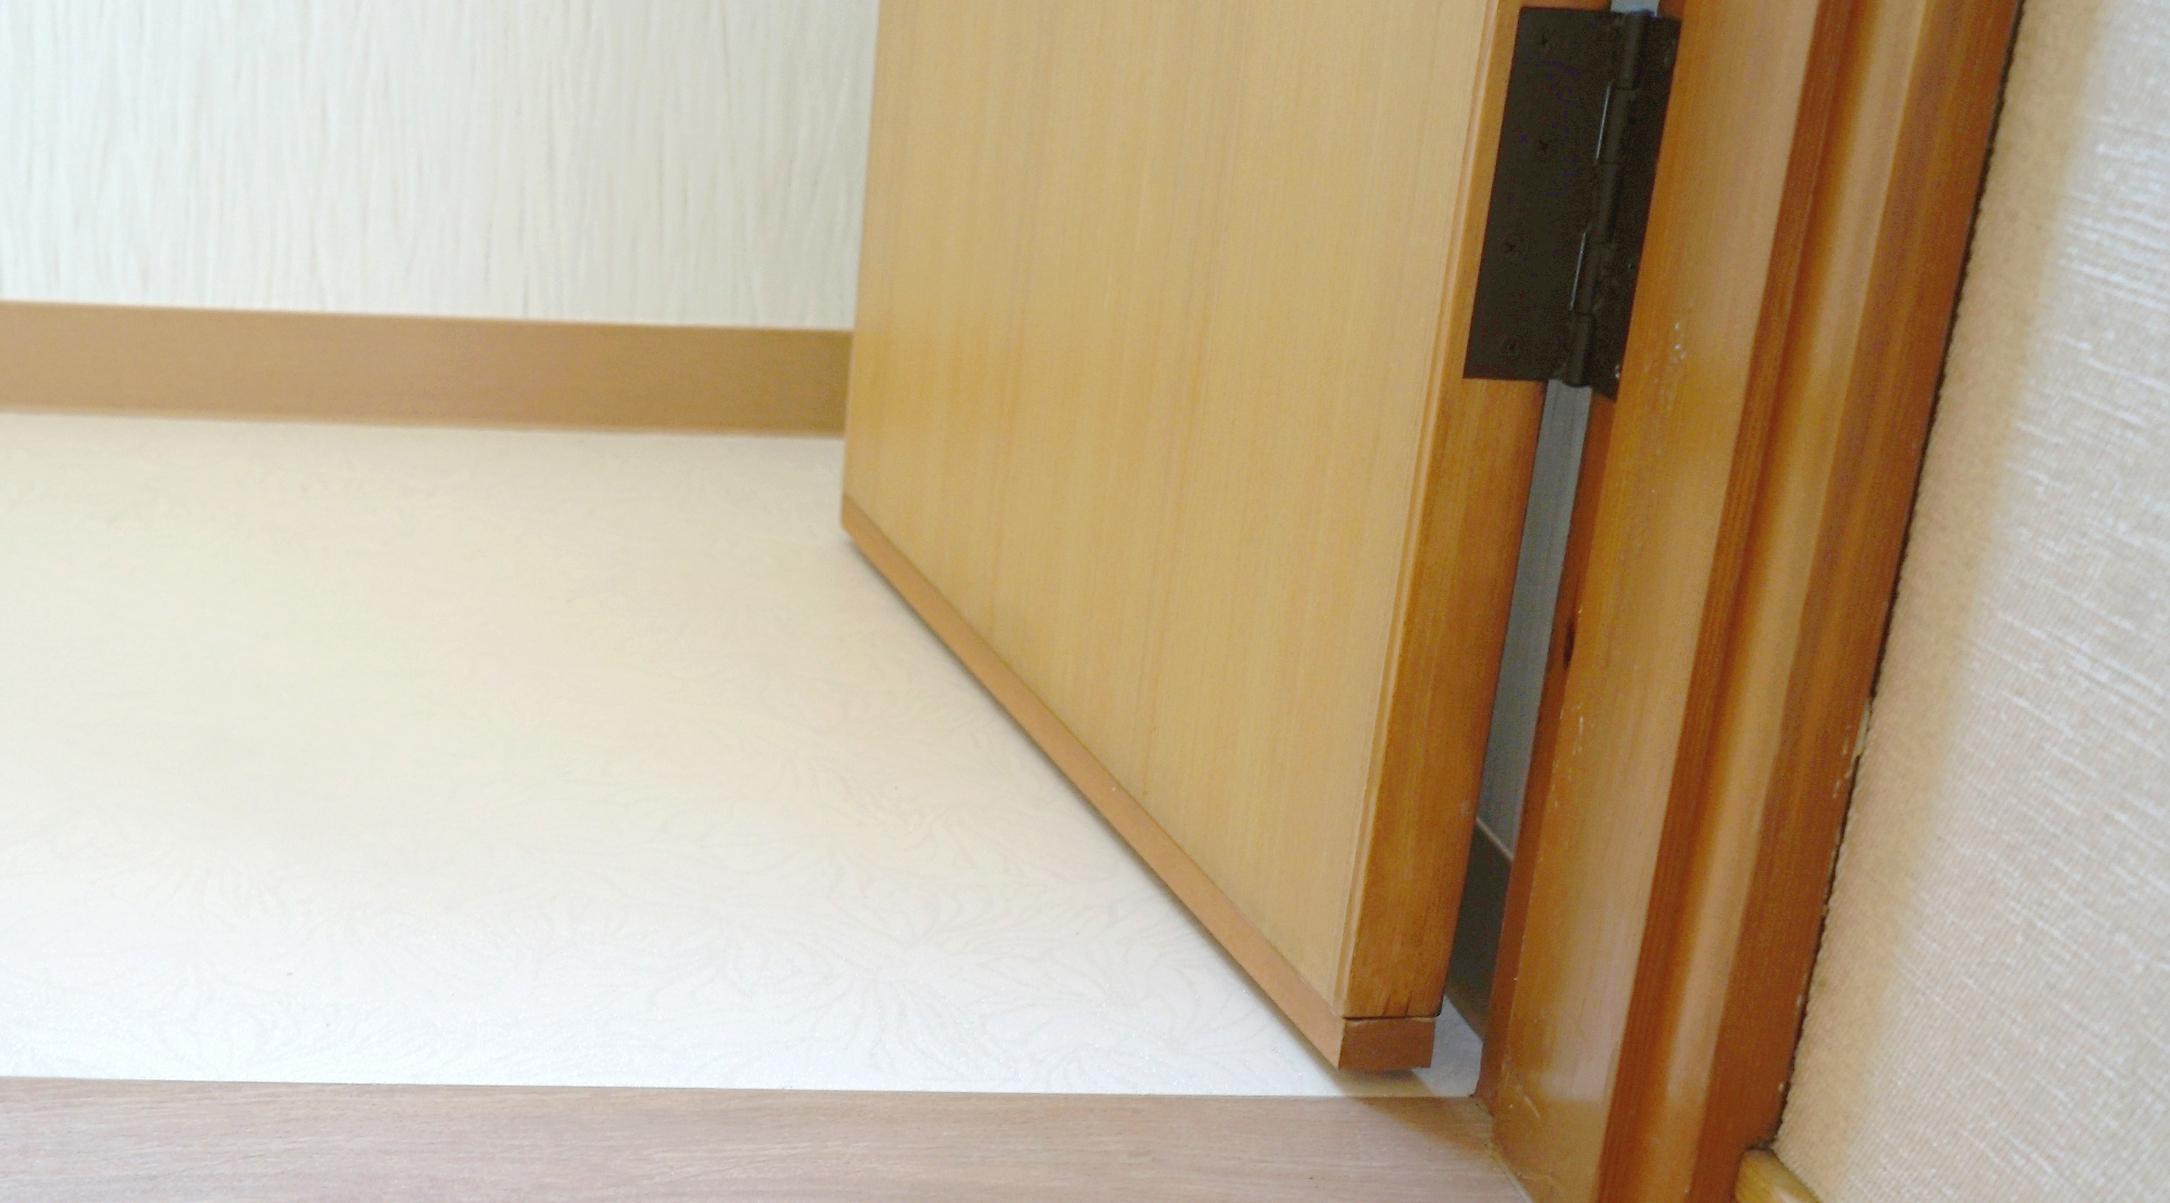 ドアに指を挟まれないようにするための、ドアの隙間用のカバー。